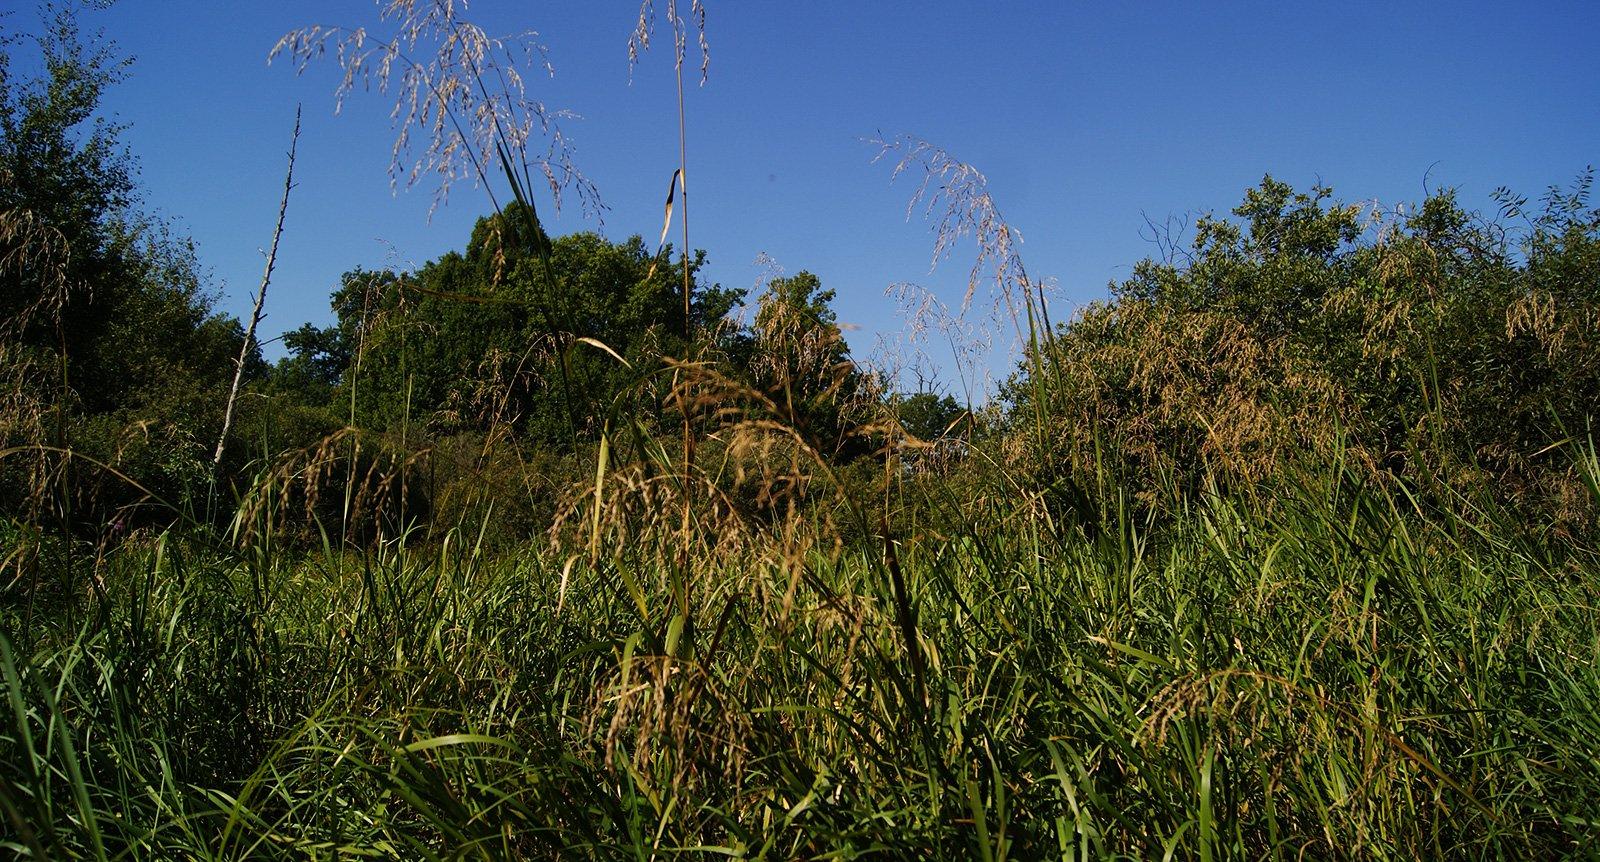 луга заросли травой выше человеческого роста